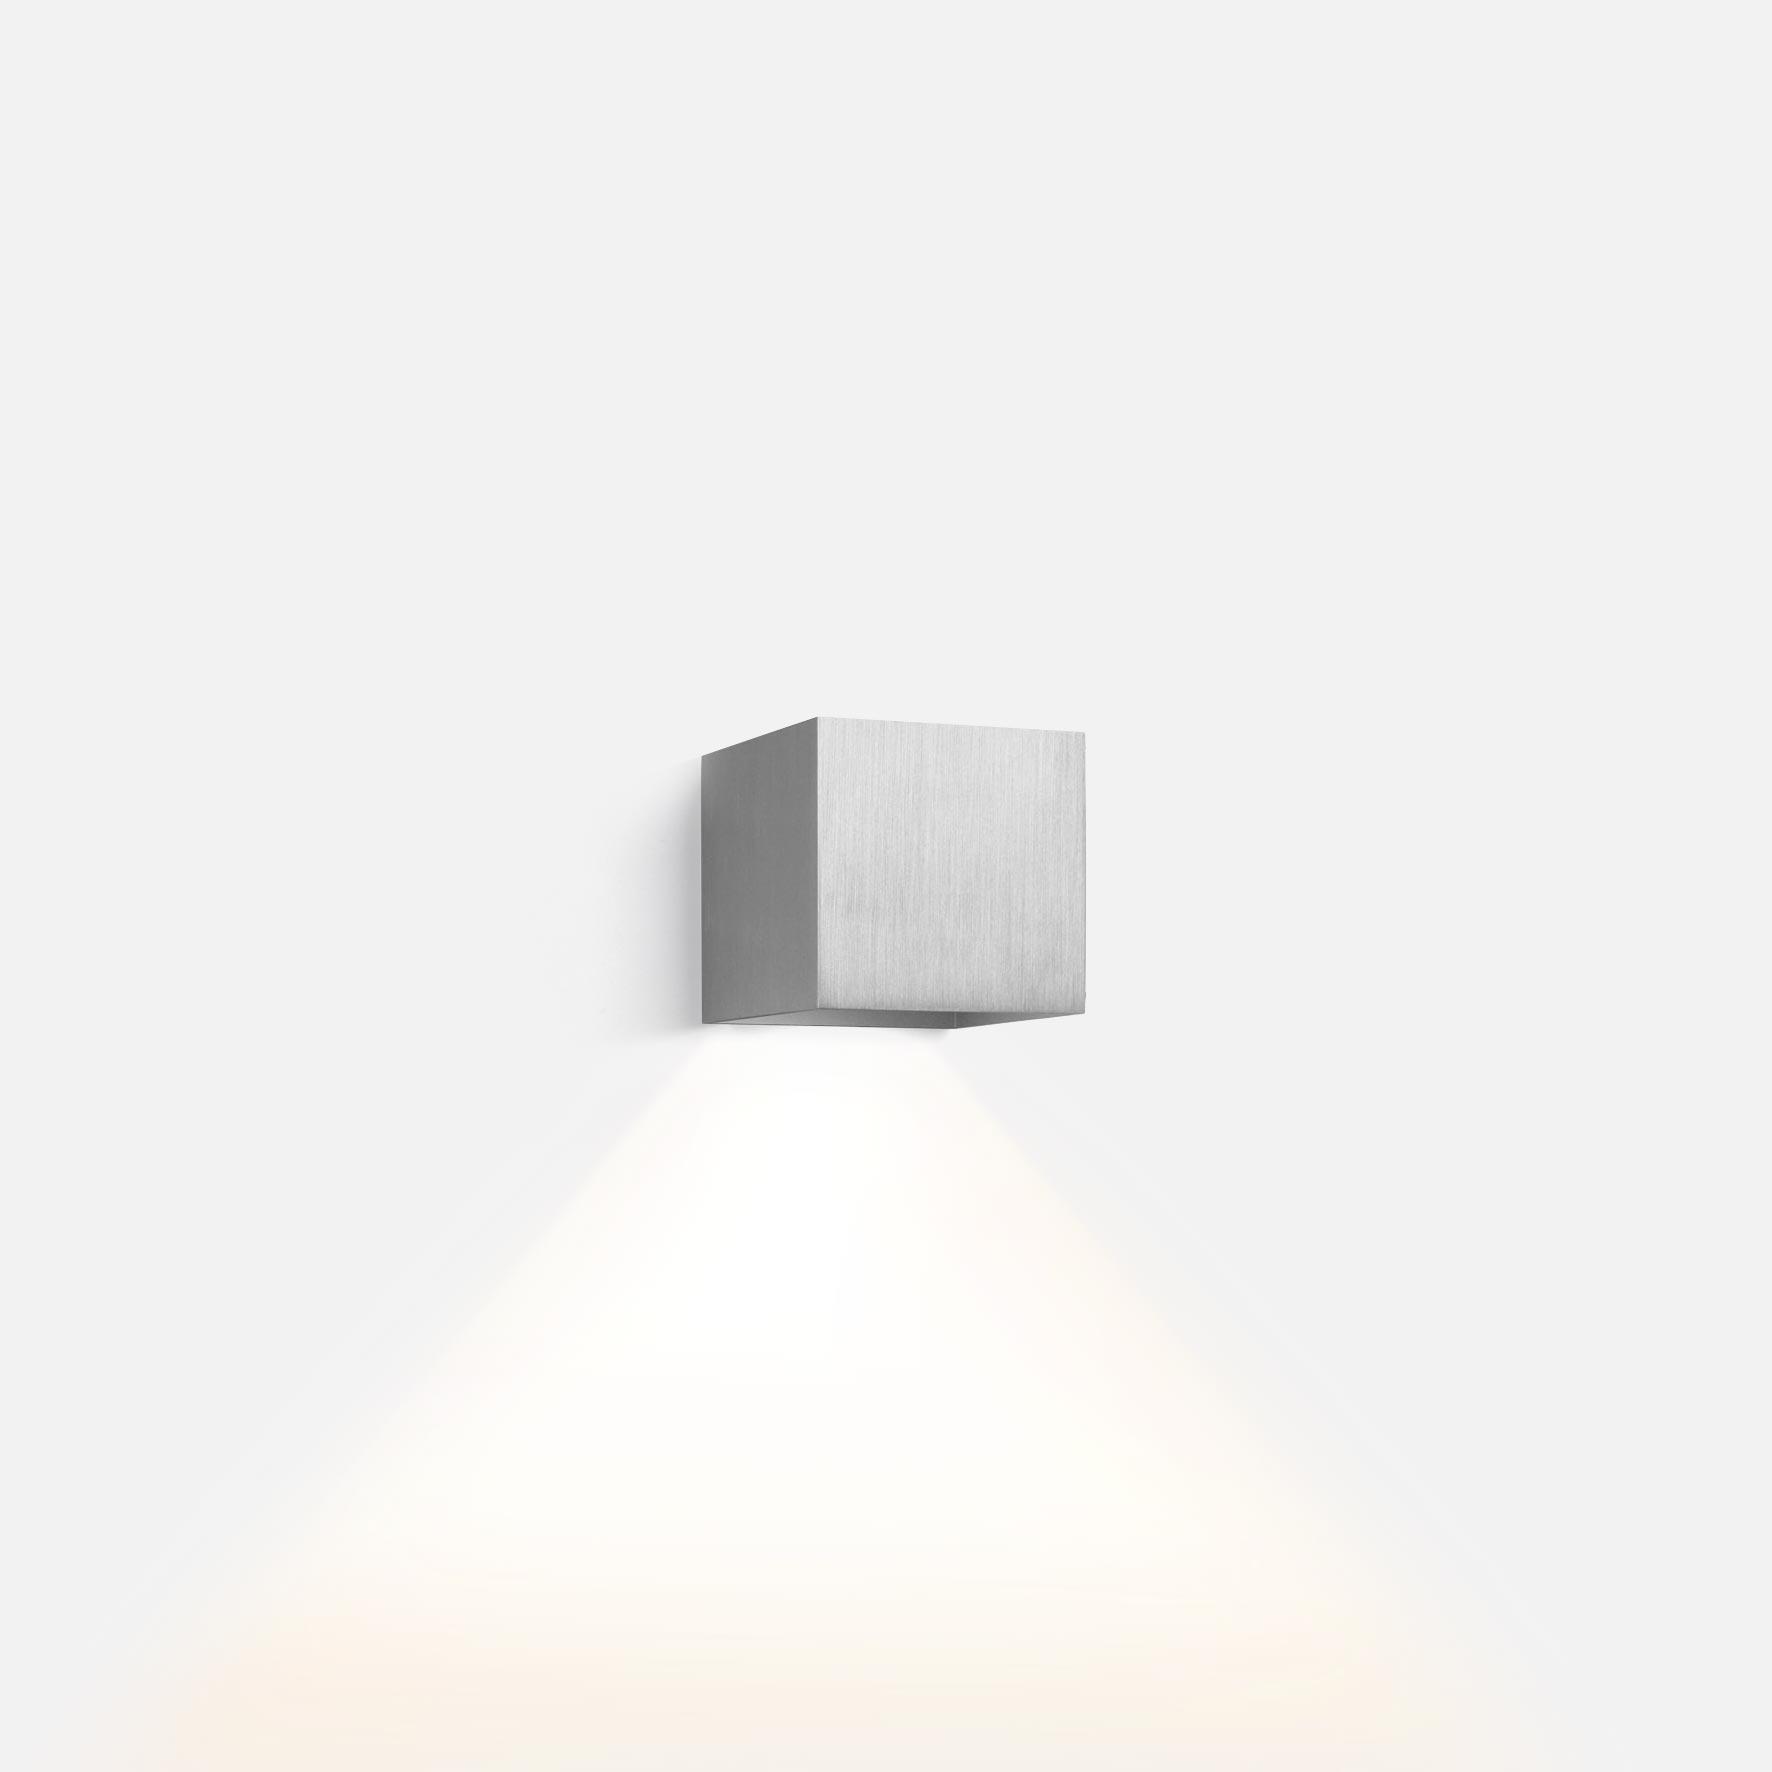 Box 1.0 led aluminium brushed 2200k